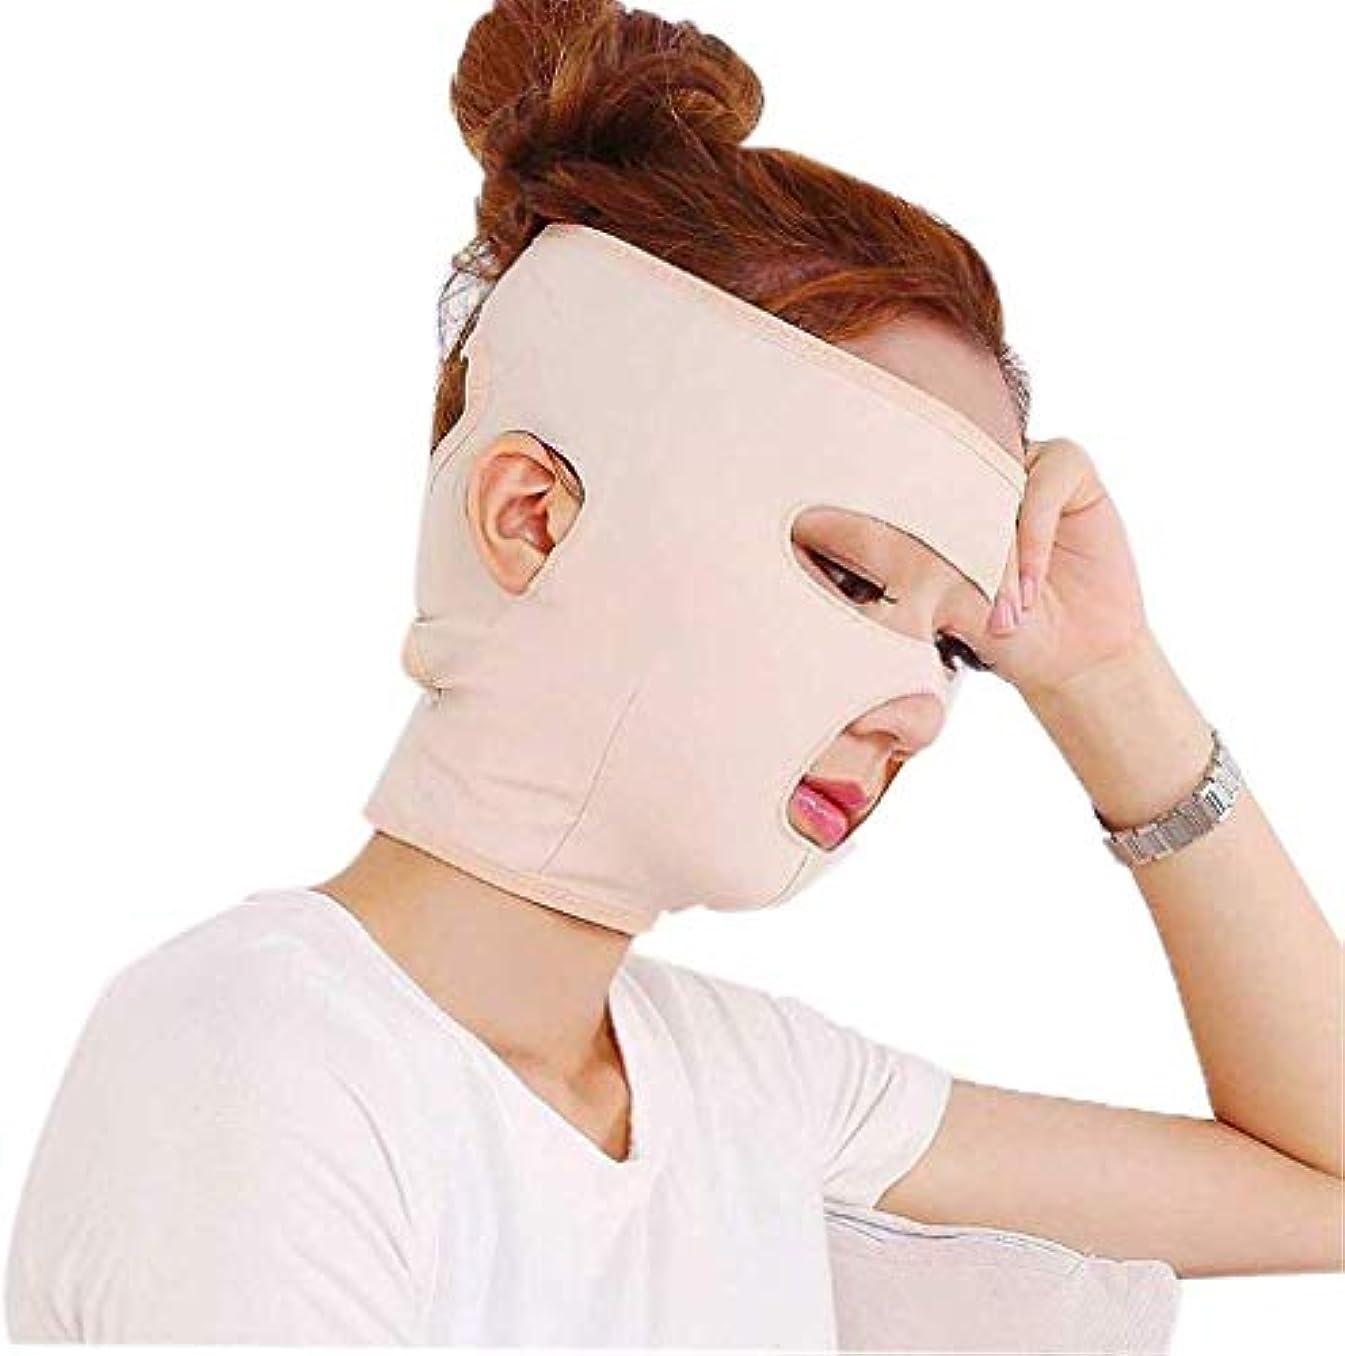 あいまいさまた下向きスリミングVフェイスマスク、フェイスリフティングマスク、フルフェイス通気性の術後回復包帯リフティング引き締め肌の減少により小さなVフェイスマスクを作成(サイズ:M)